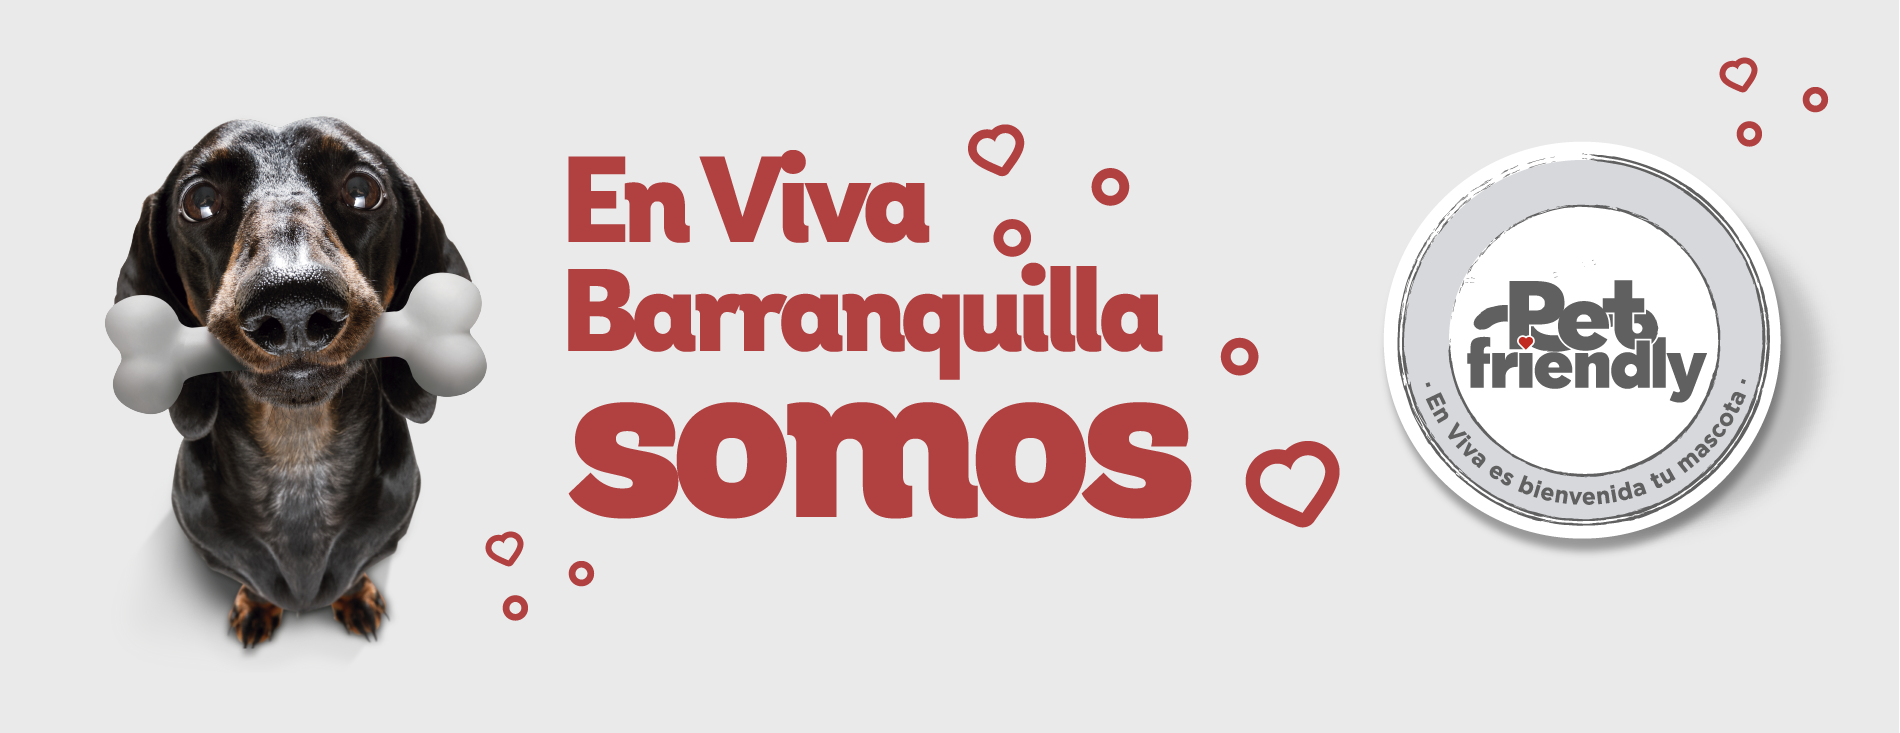 Pet friendly - Barranquilla